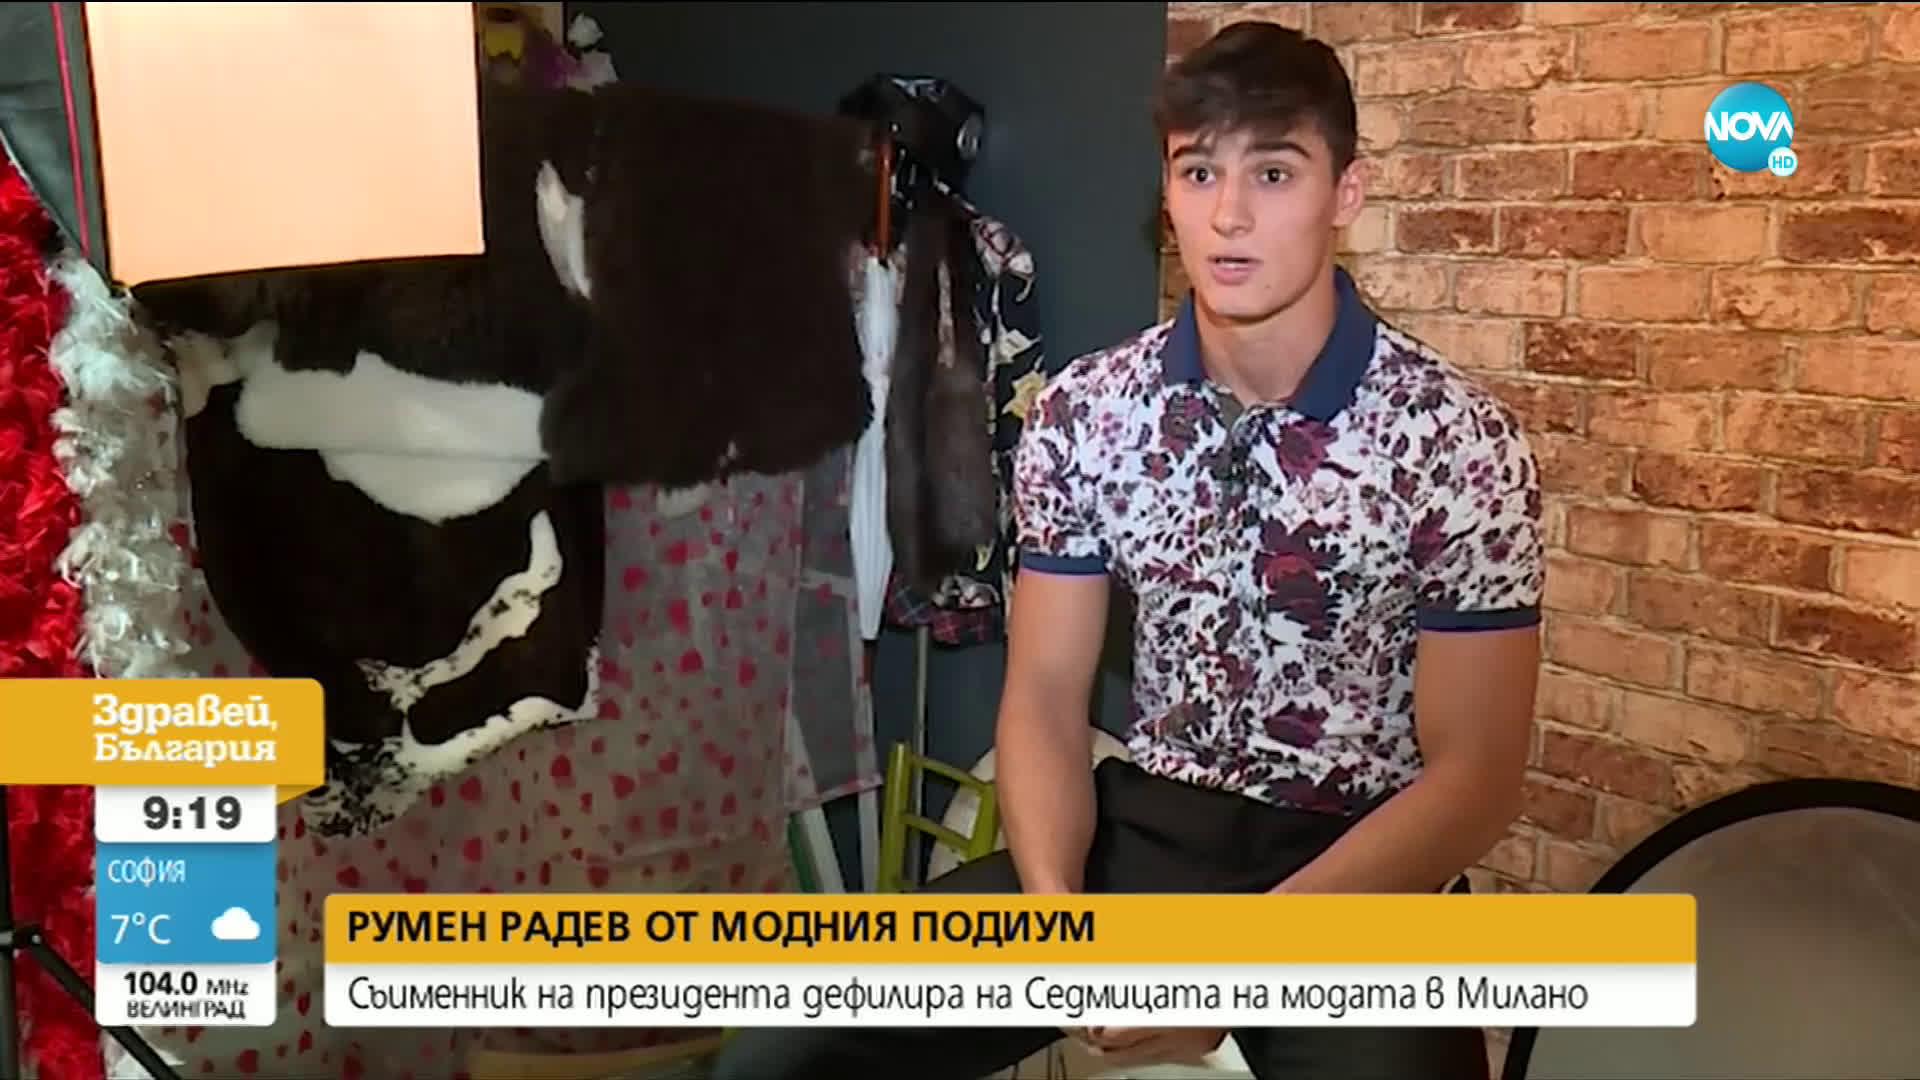 Българин представи страната ни в Седмицата на модата в Милано